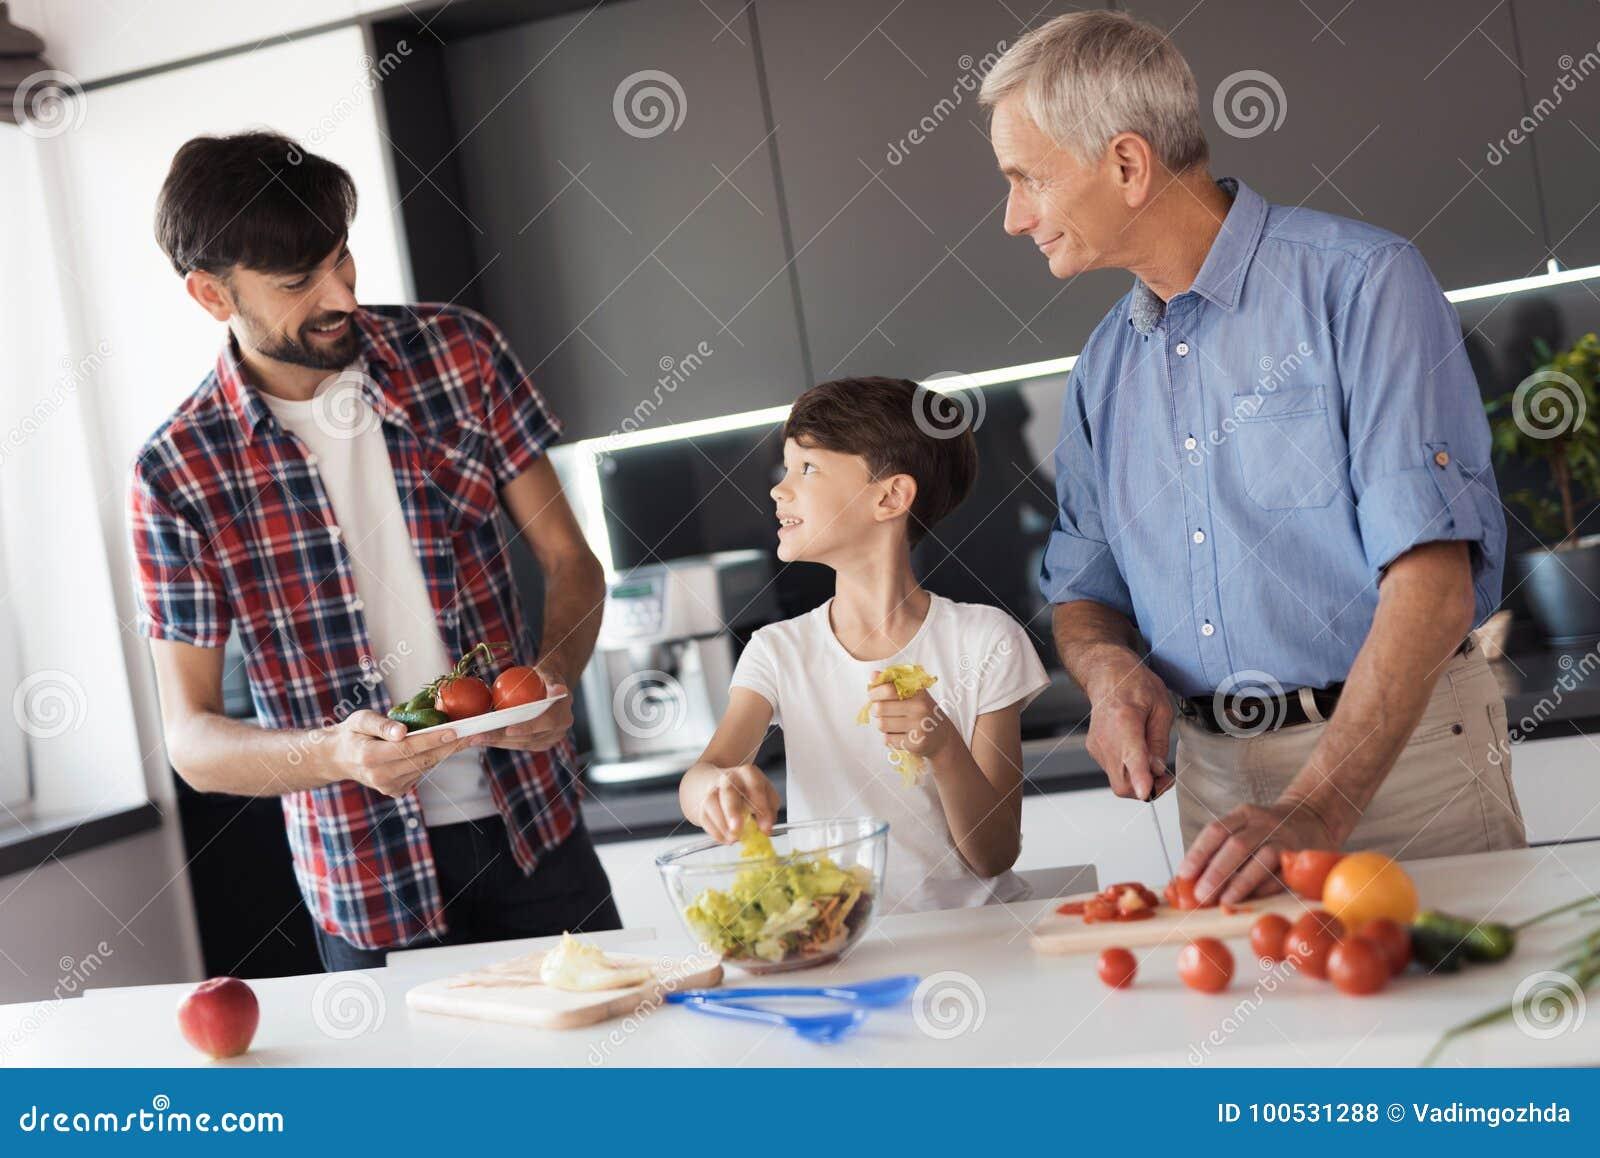 O menino está preparando uma salada para o jantar no dia da ação de graças com seus pai e avô